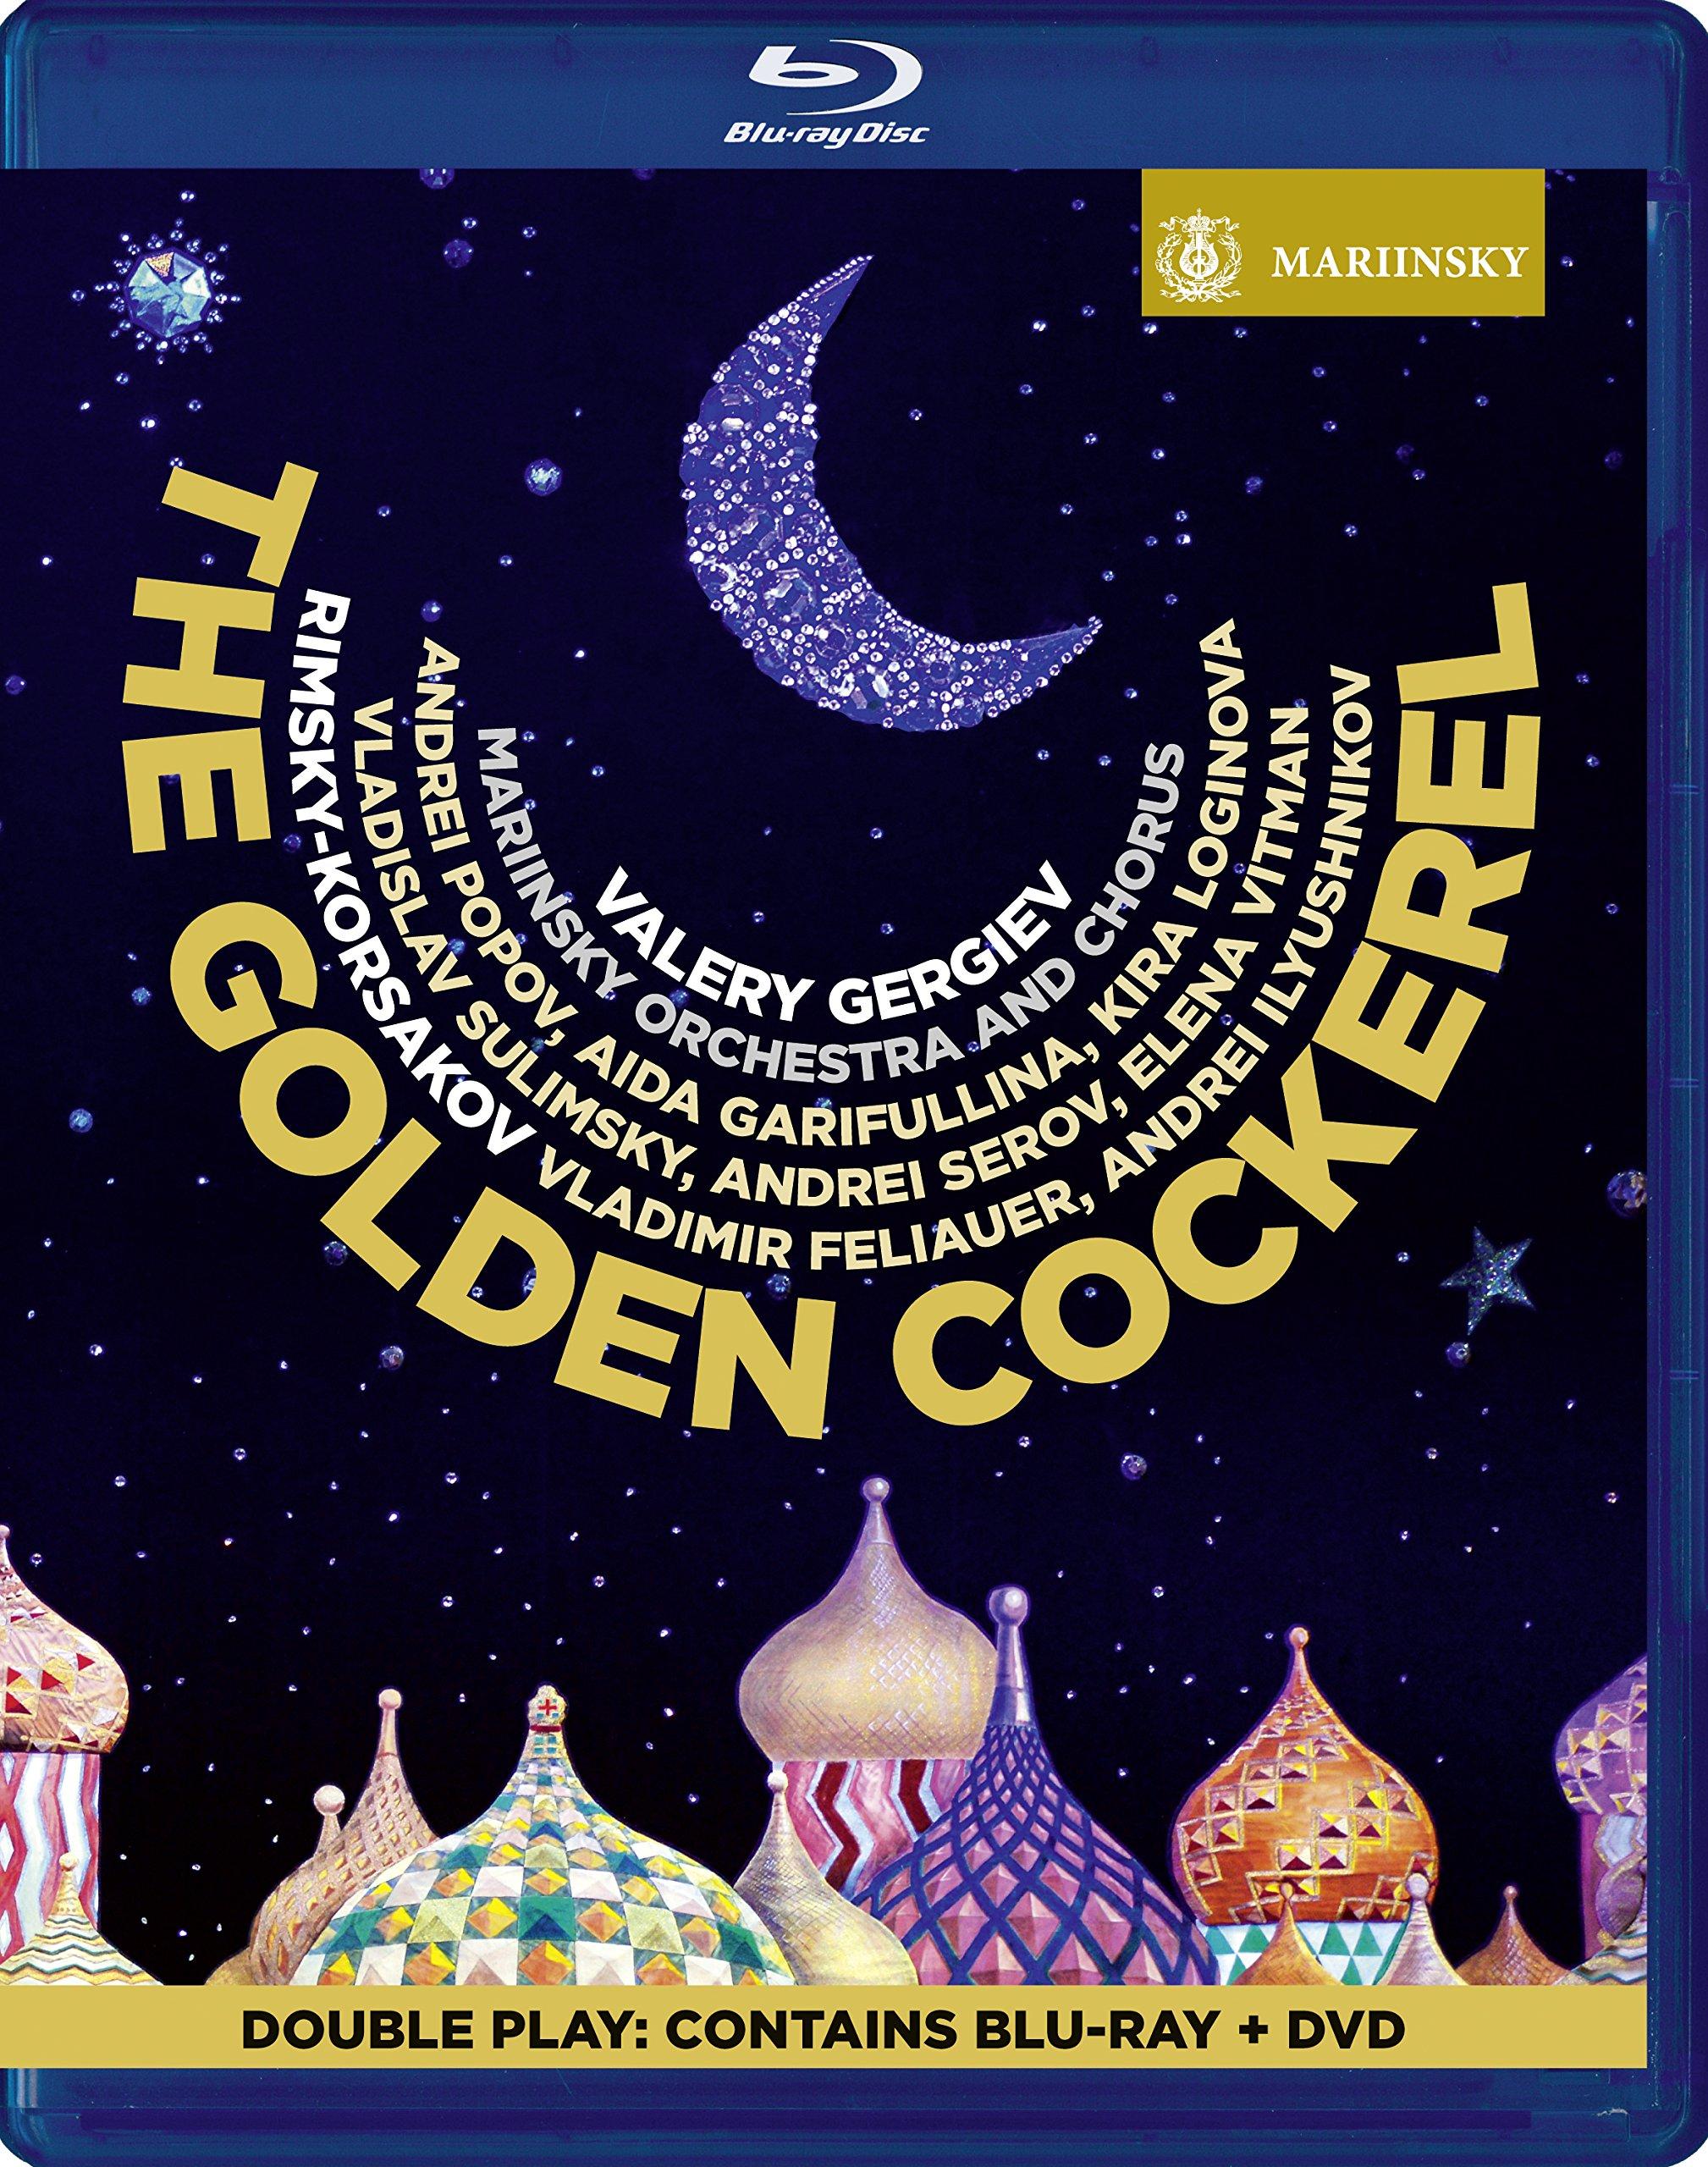 Rimsky-Korsakov: The Golden Cockerel by MARIINSKY